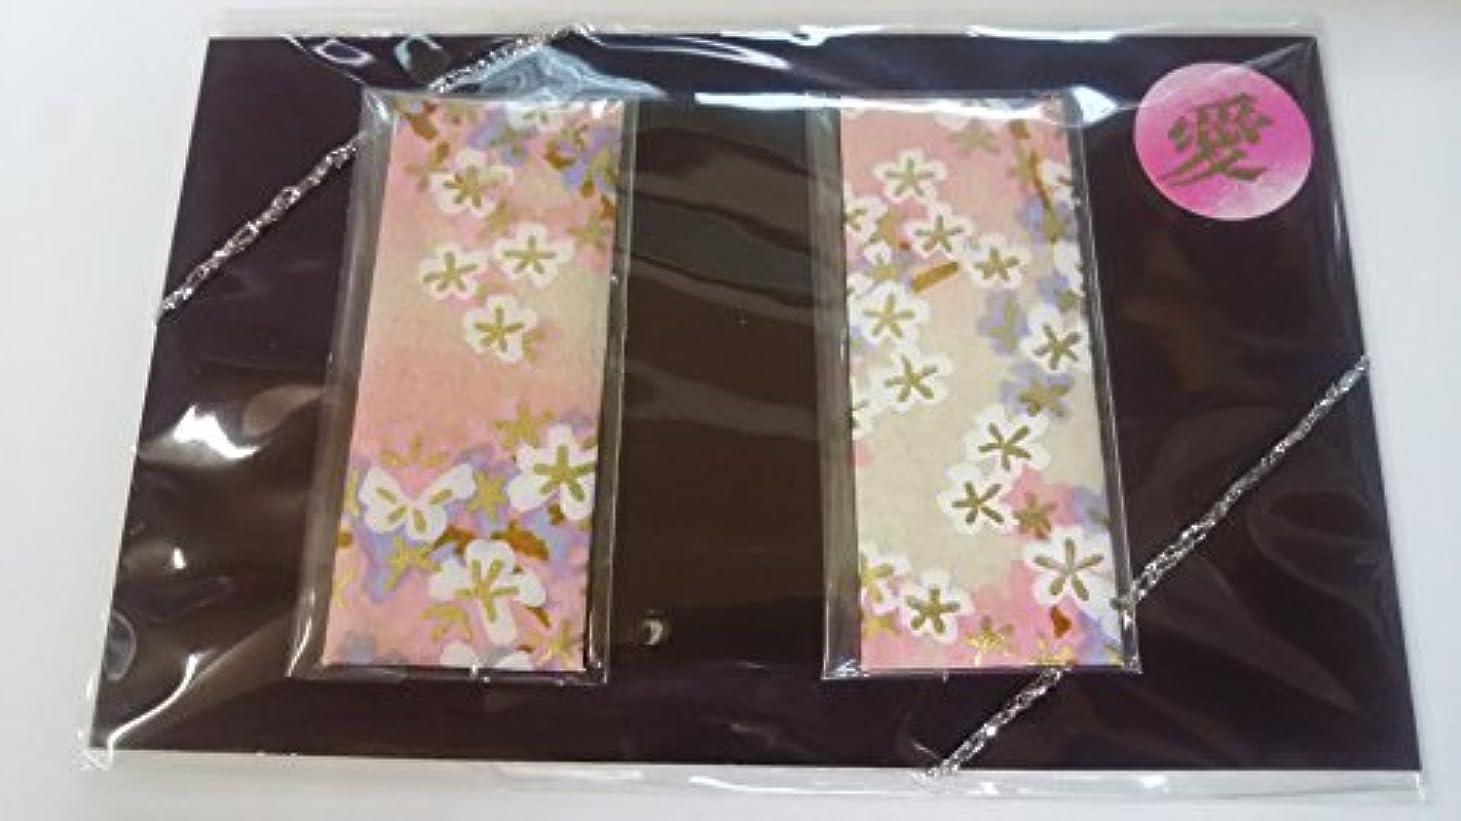 ランタングリーンバックポンプ淡路梅薫堂の名刺香 愛×6 ~静かで深い和の香り(和桜)~